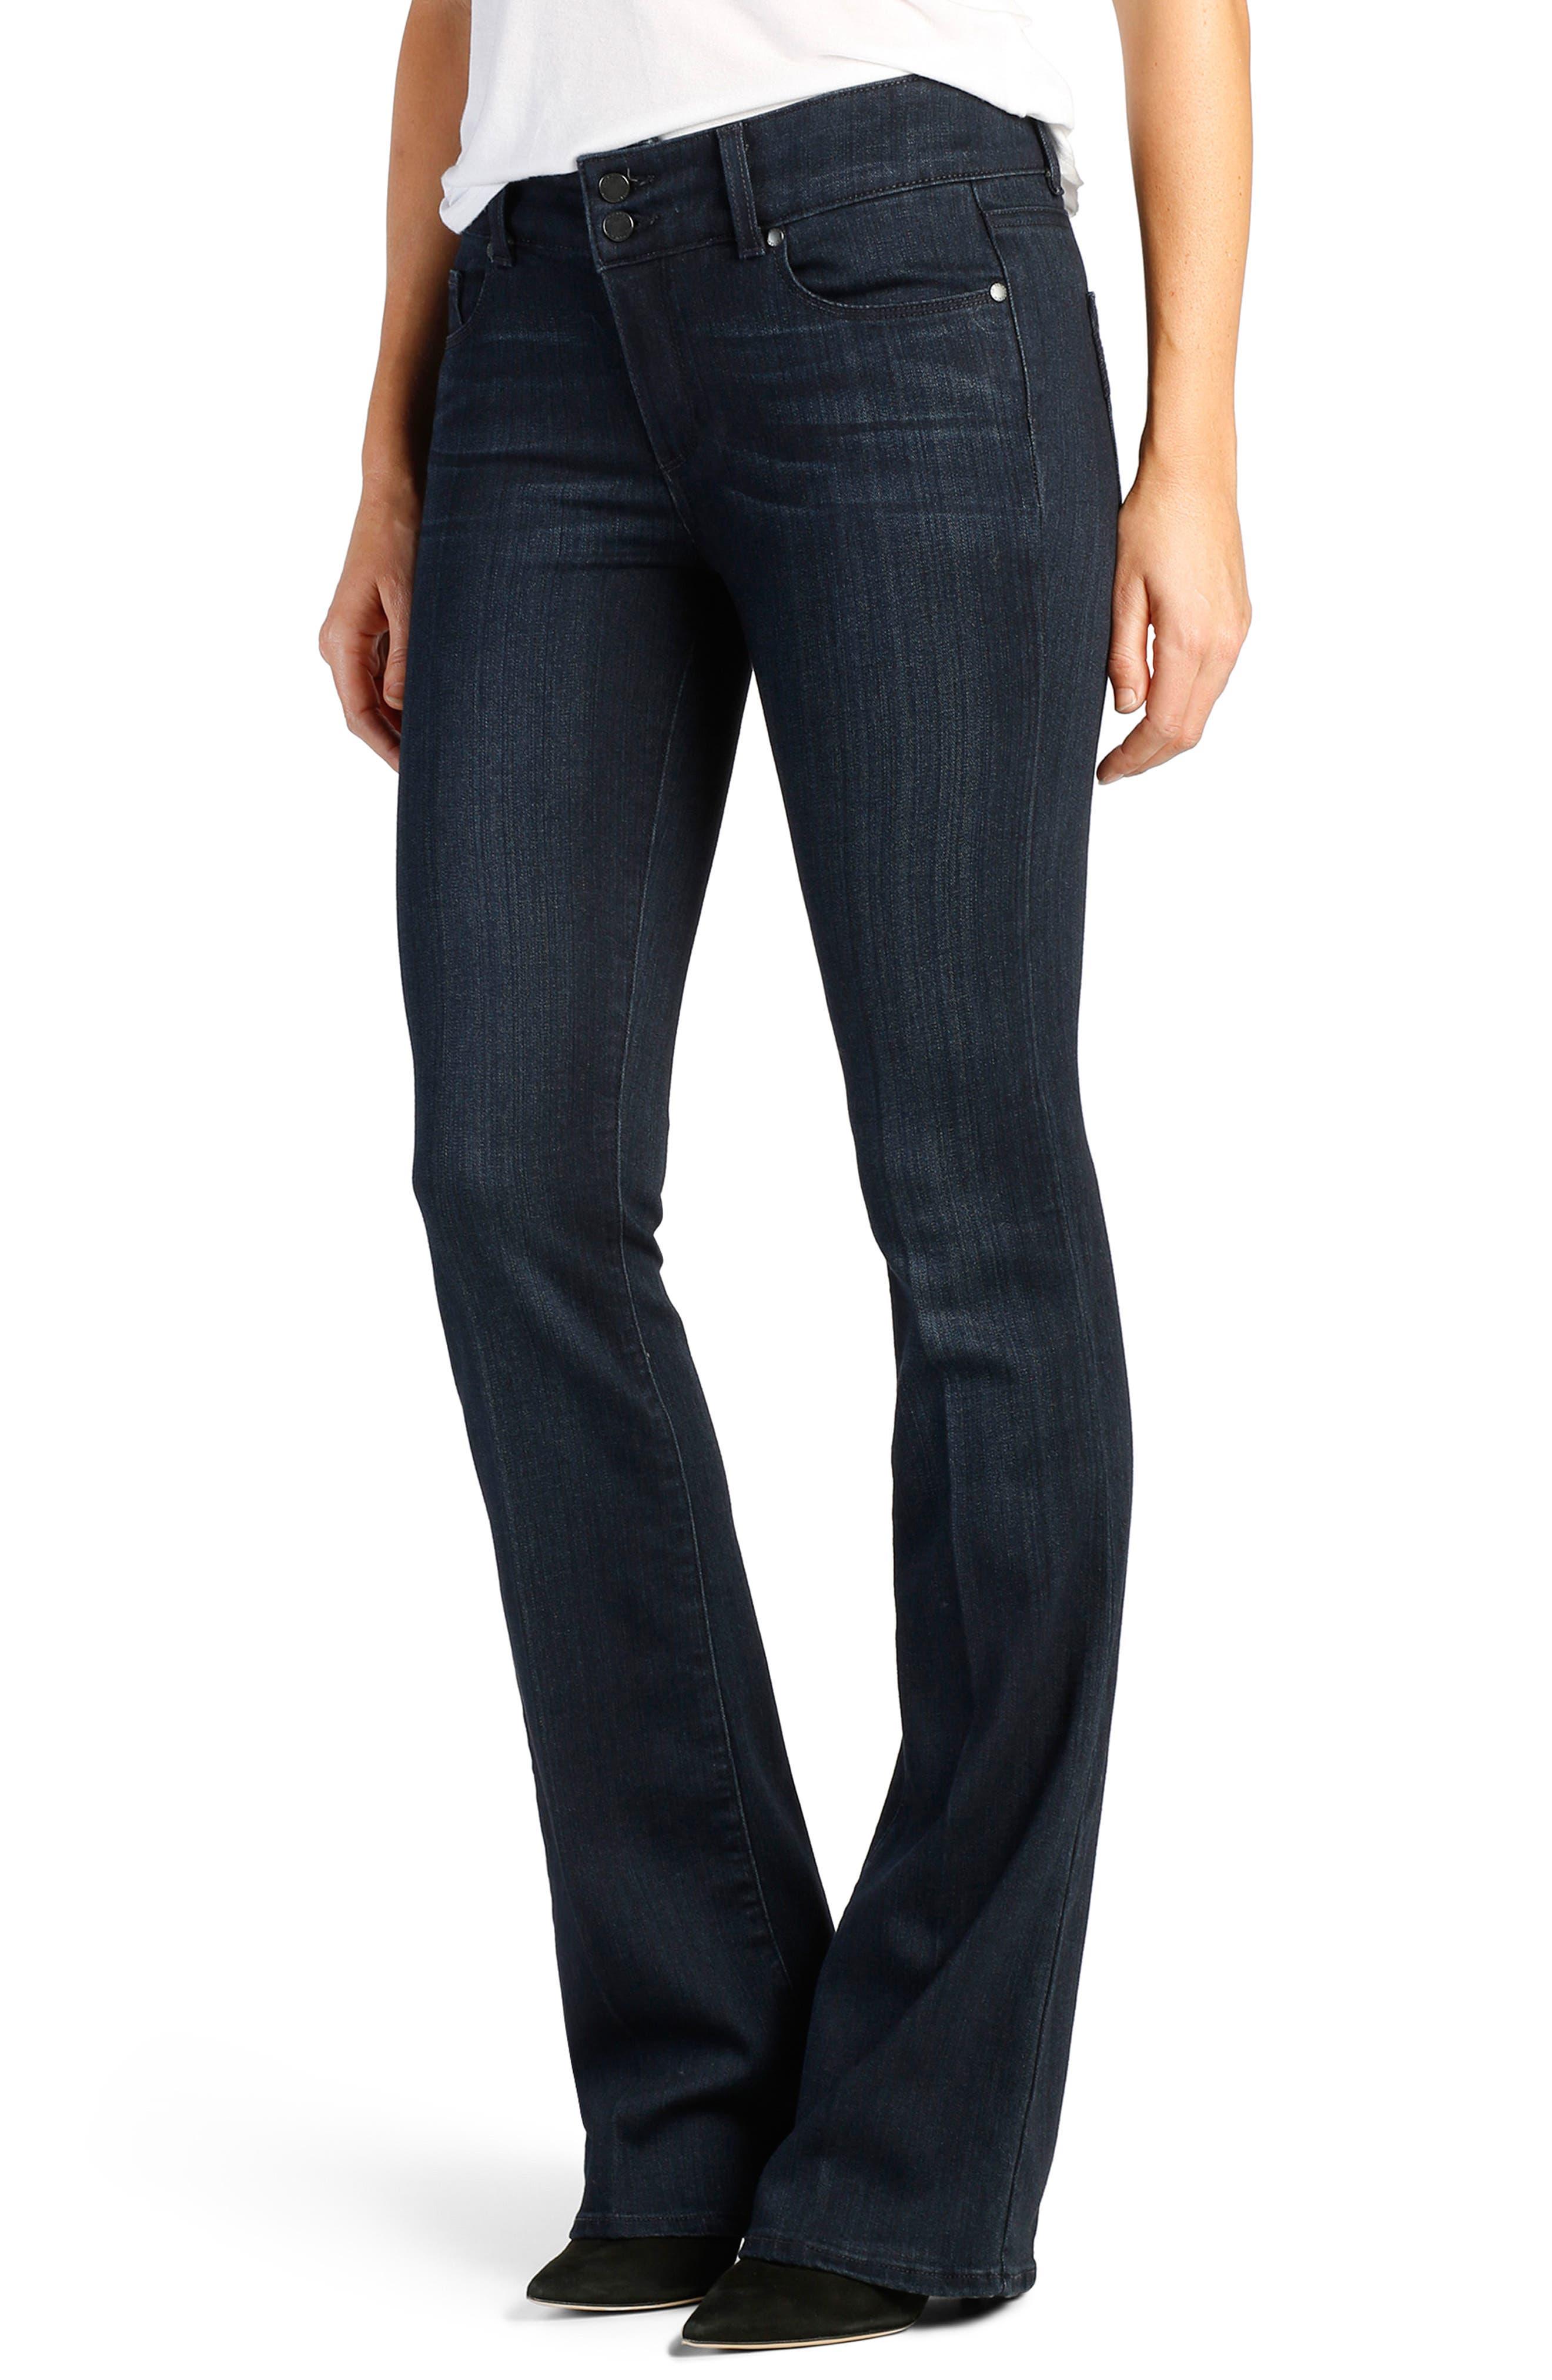 Transcend - Hidden Hills High Waist Bootcut Jeans,                             Main thumbnail 1, color,                             400